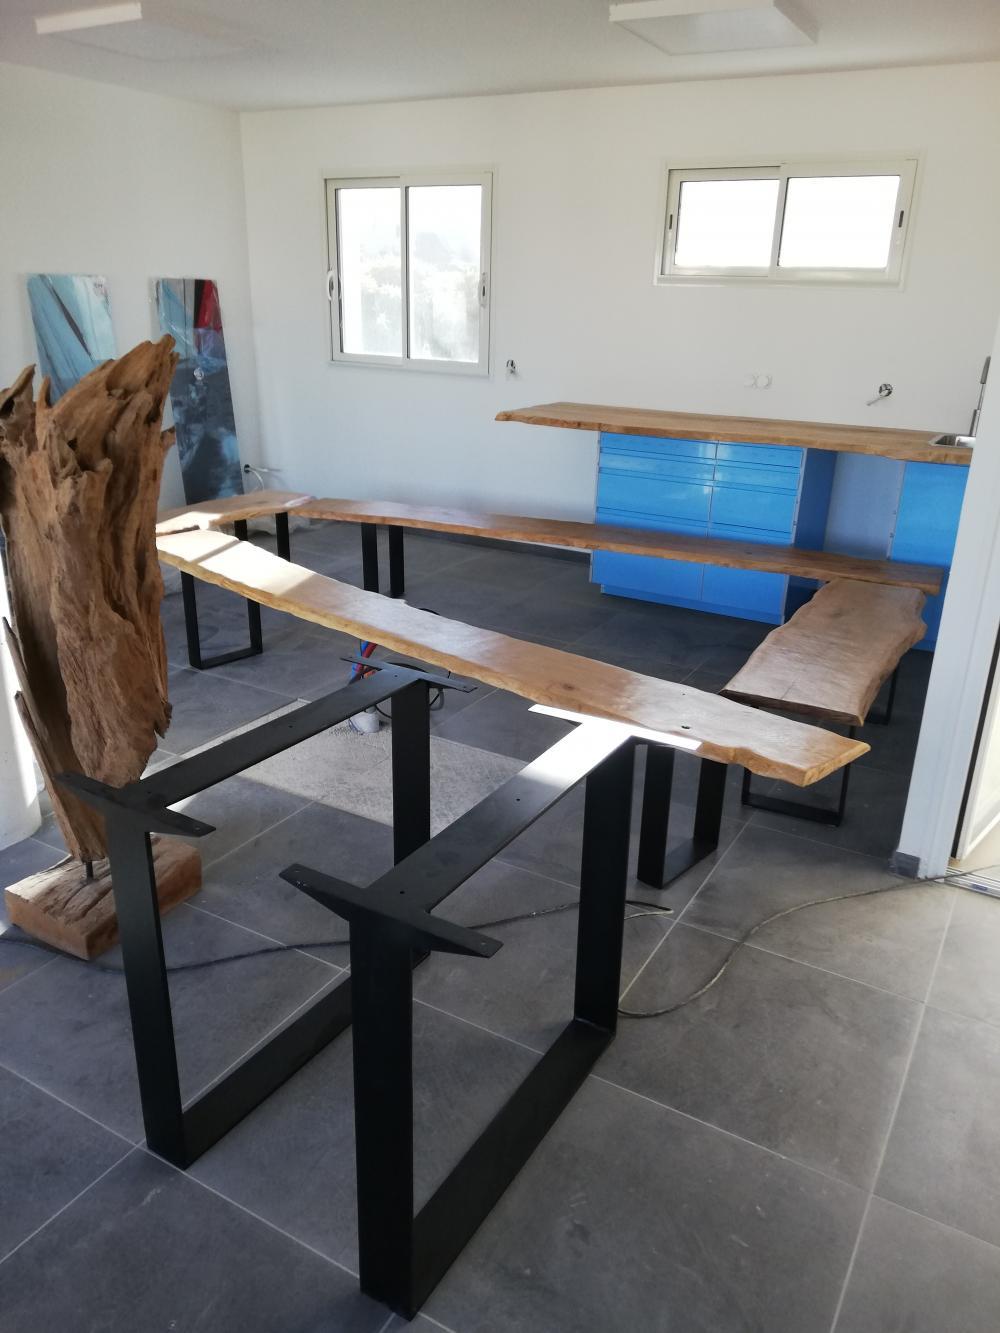 Piètement en métal pour table de salle à manger – 350.00€